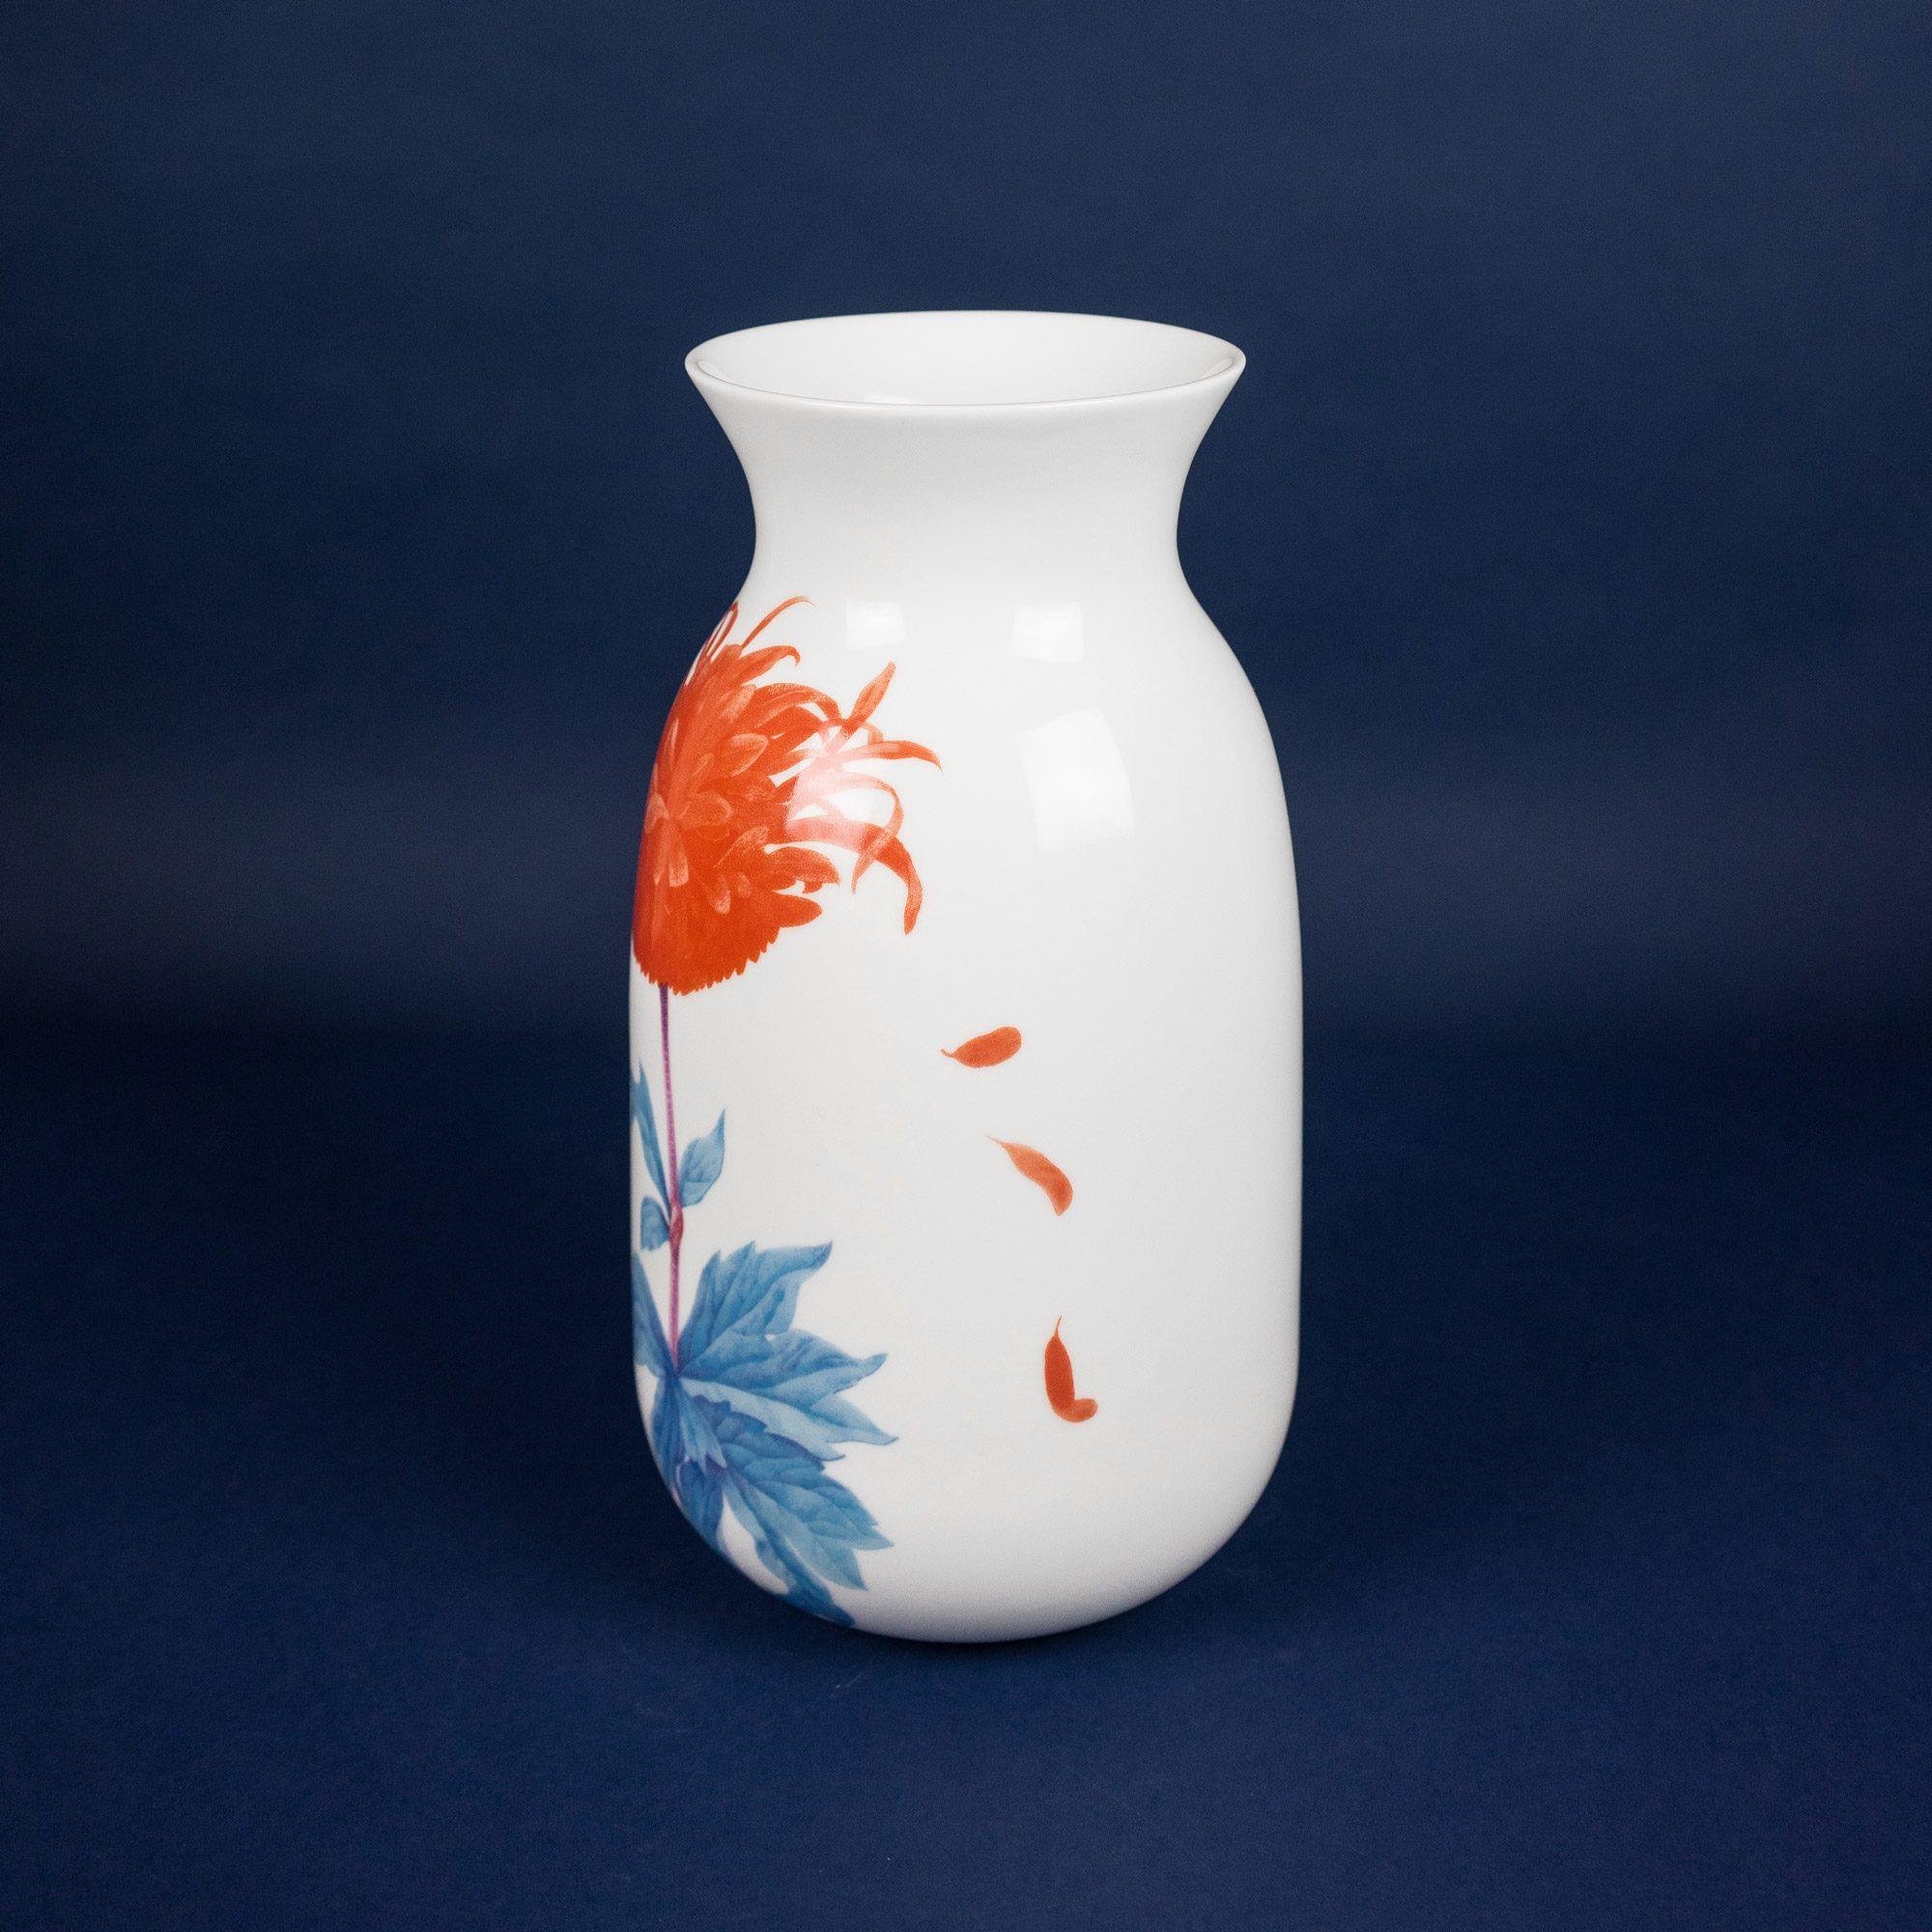 Porcelain vase with flower illustration by Michal Bacak